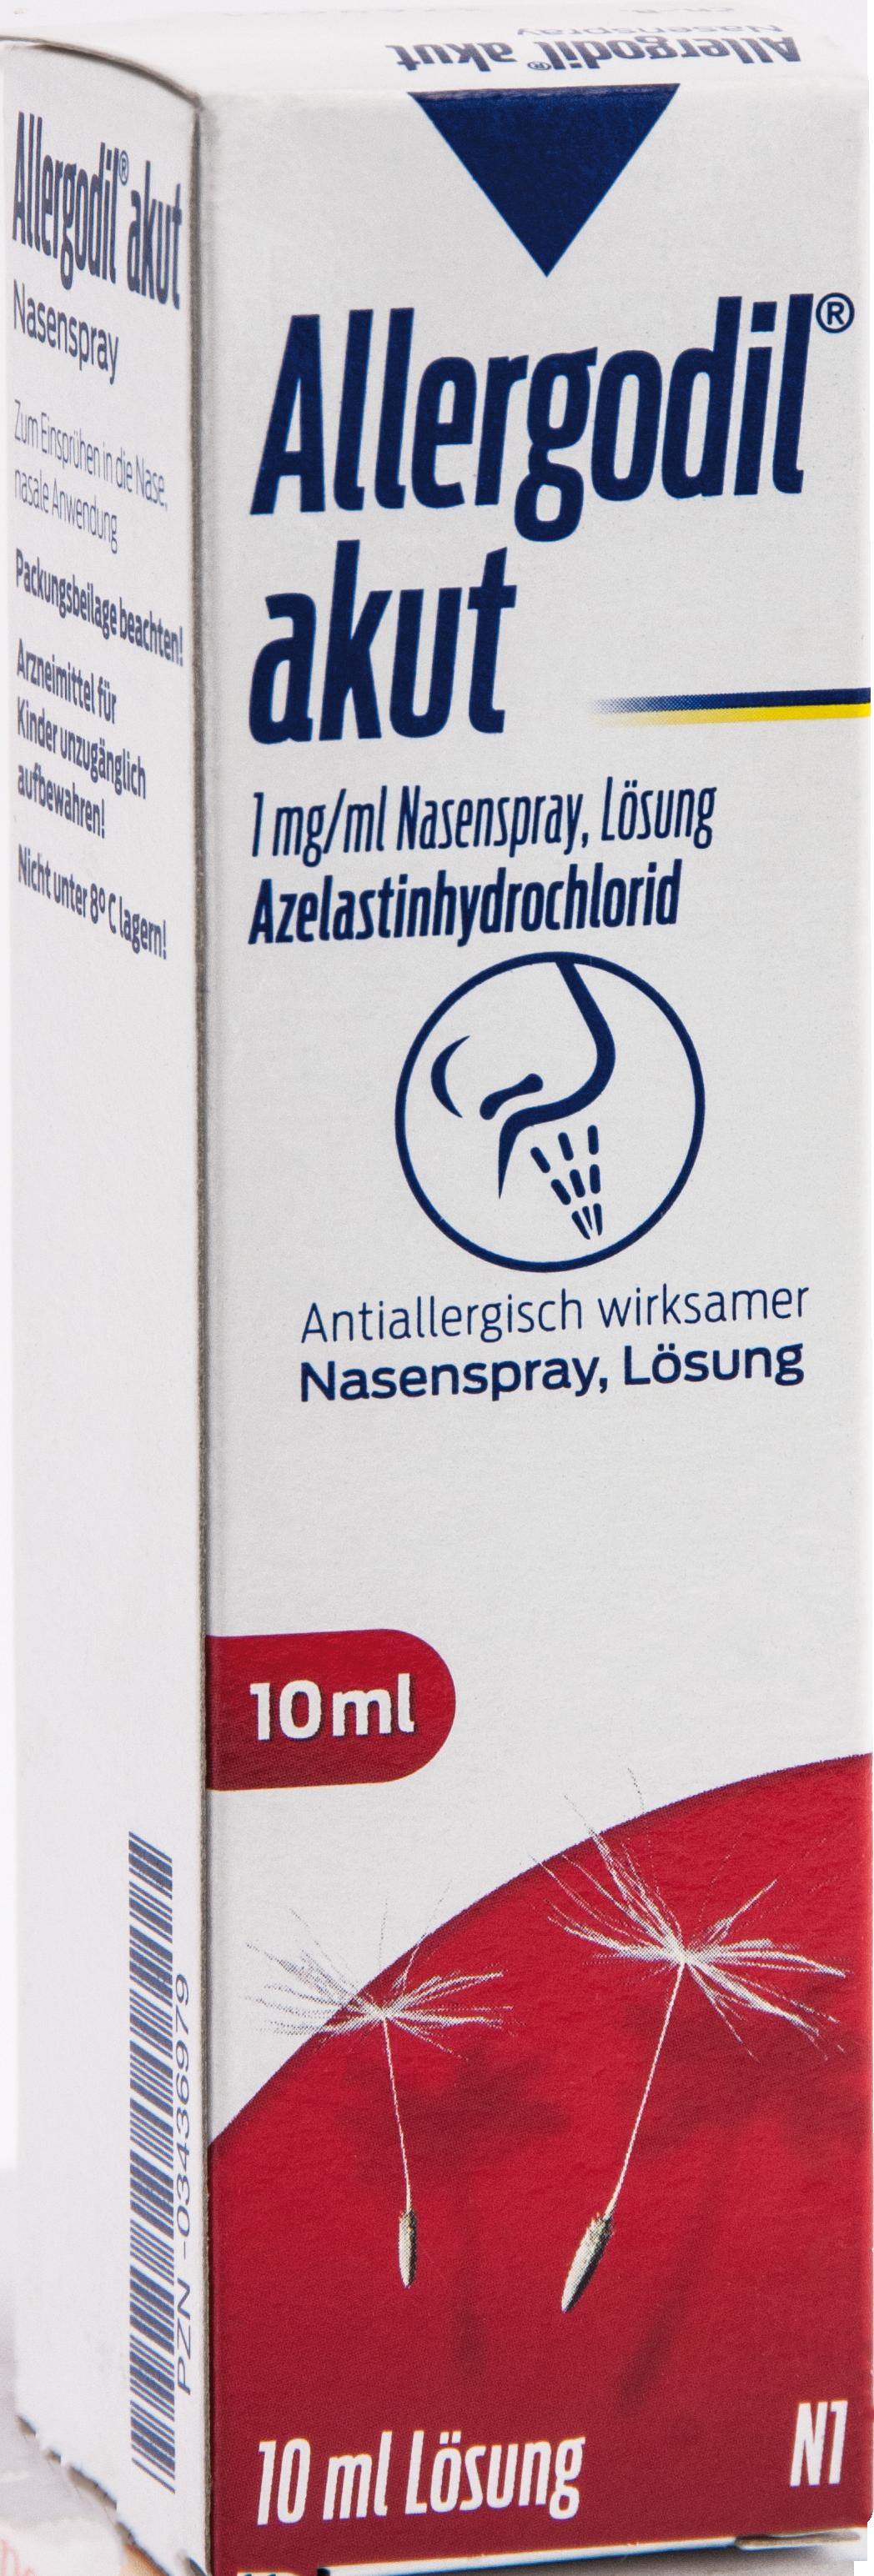 Allergodil akut Nasenspray